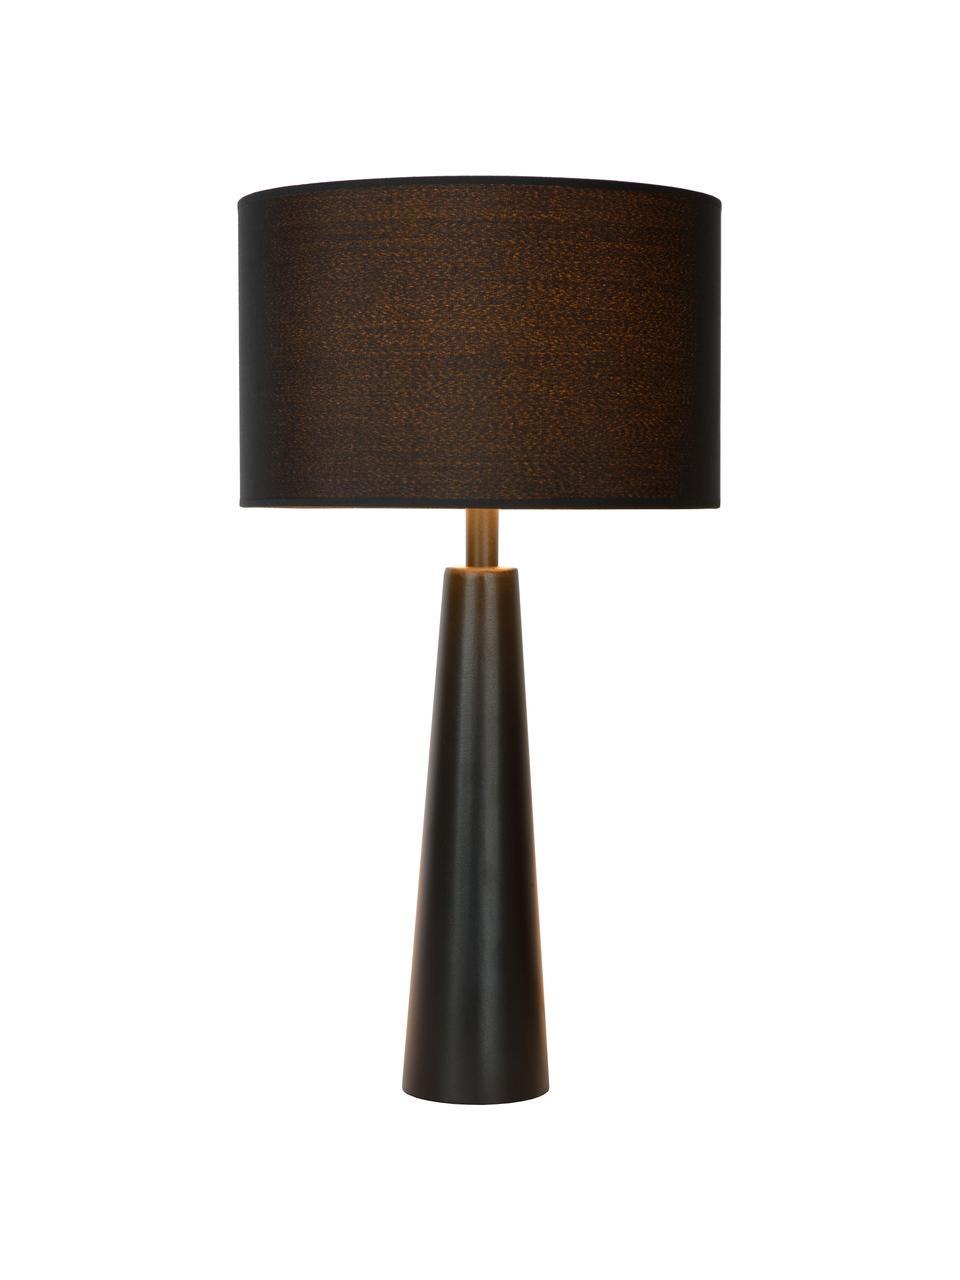 Große Tischlampe Yessin aus Leinen, Lampenschirm: Leinen, Lampenfuß: Metall, beschichtet, Schwarz, Ø 32 x H 58 cm